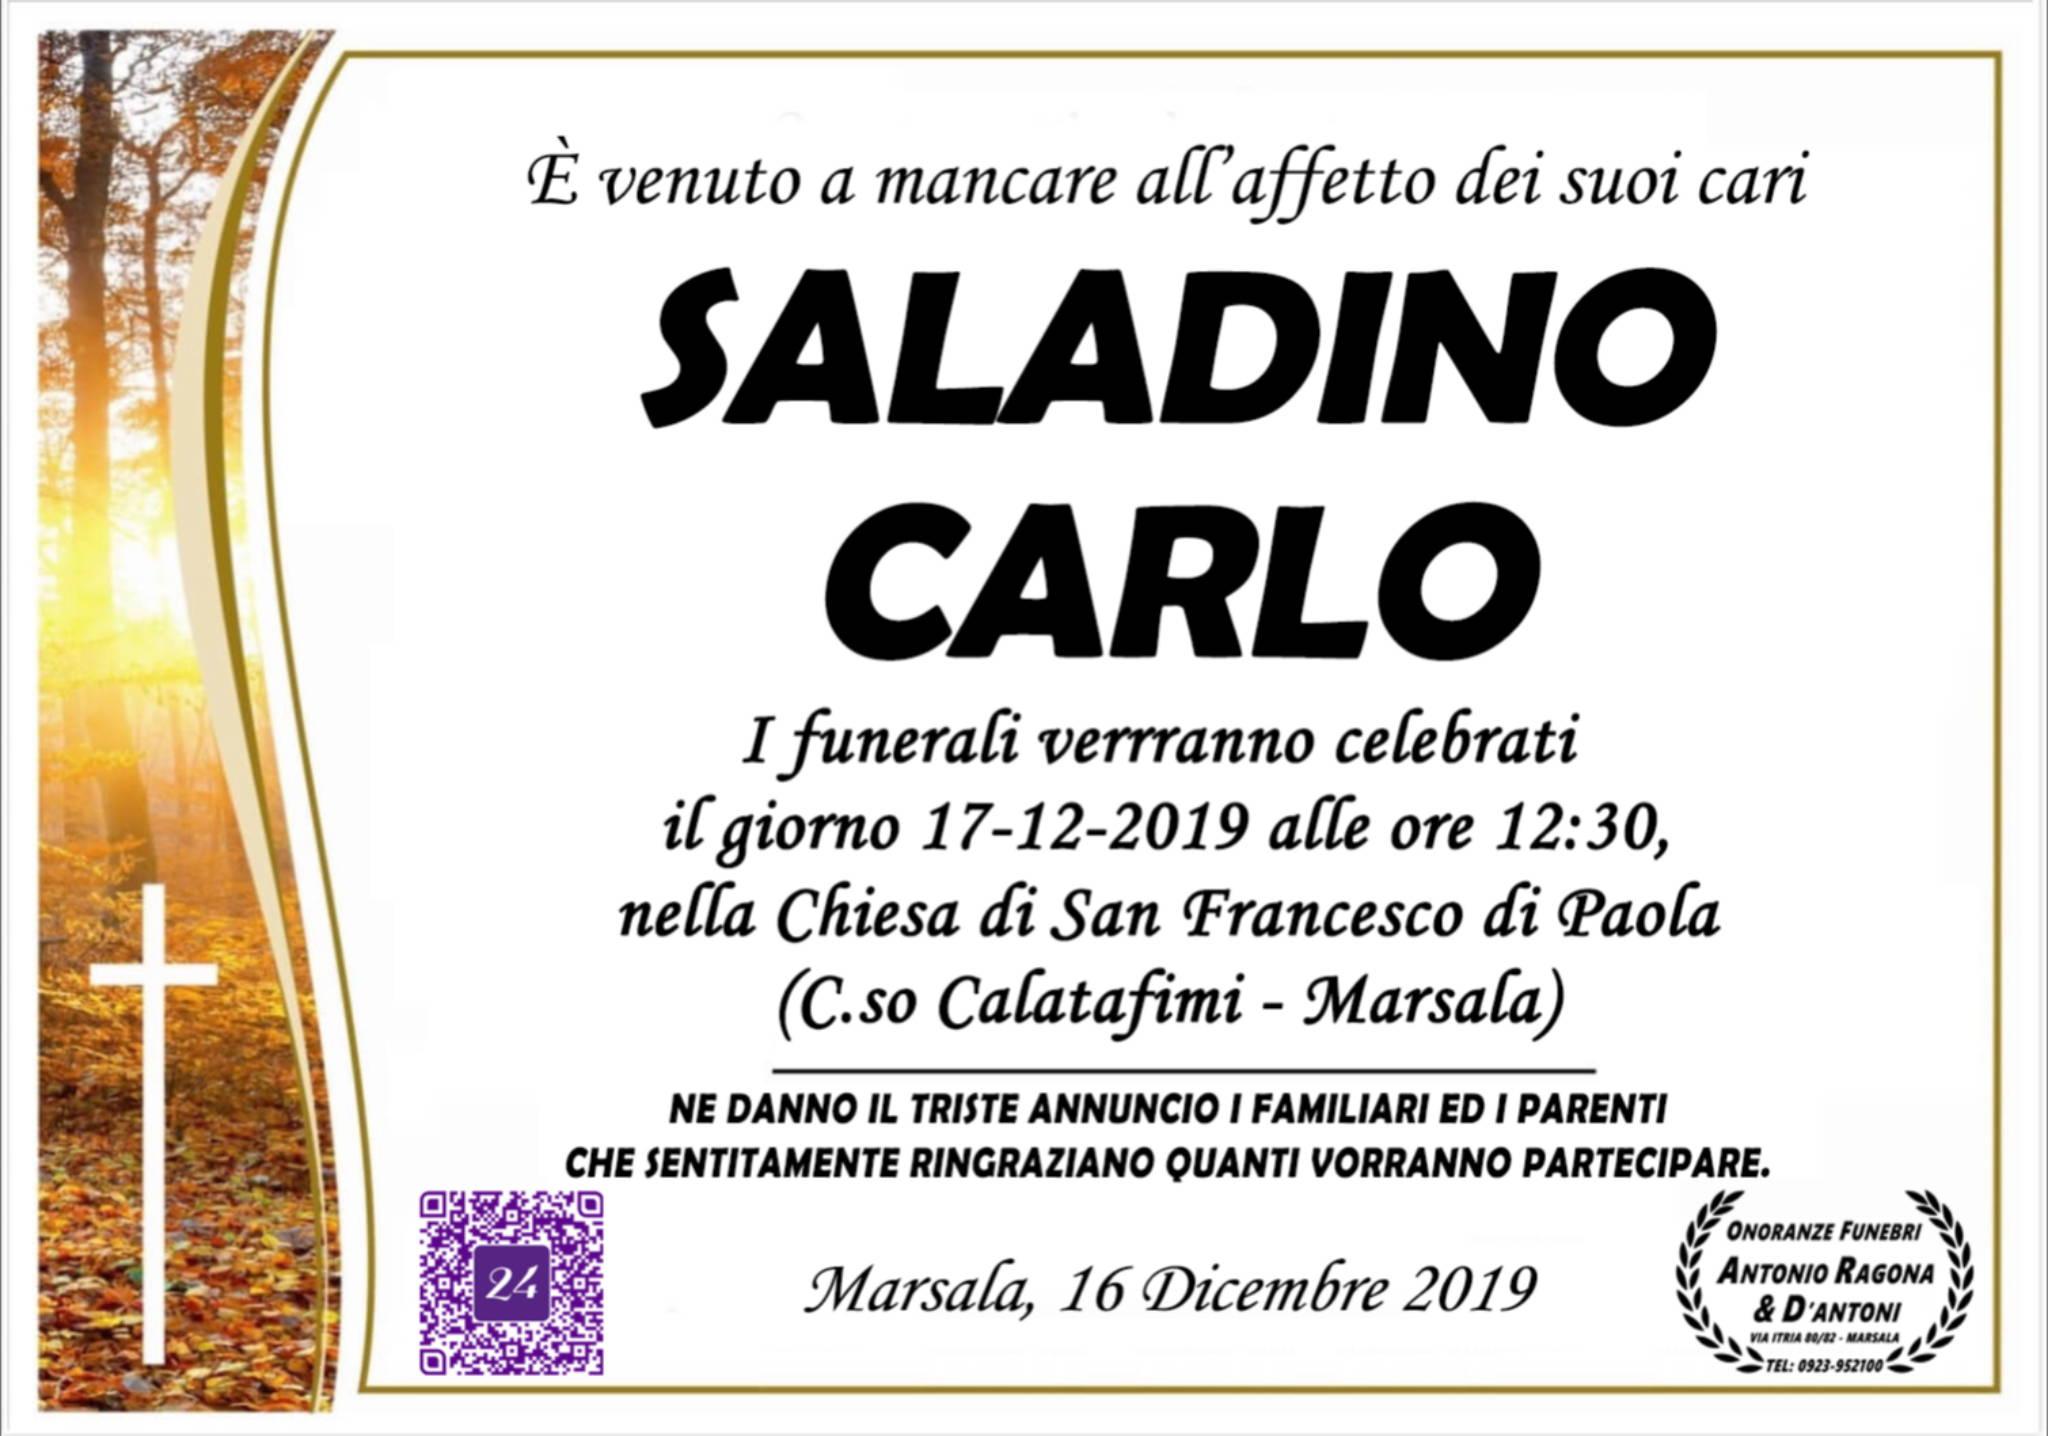 Carlo Saladino